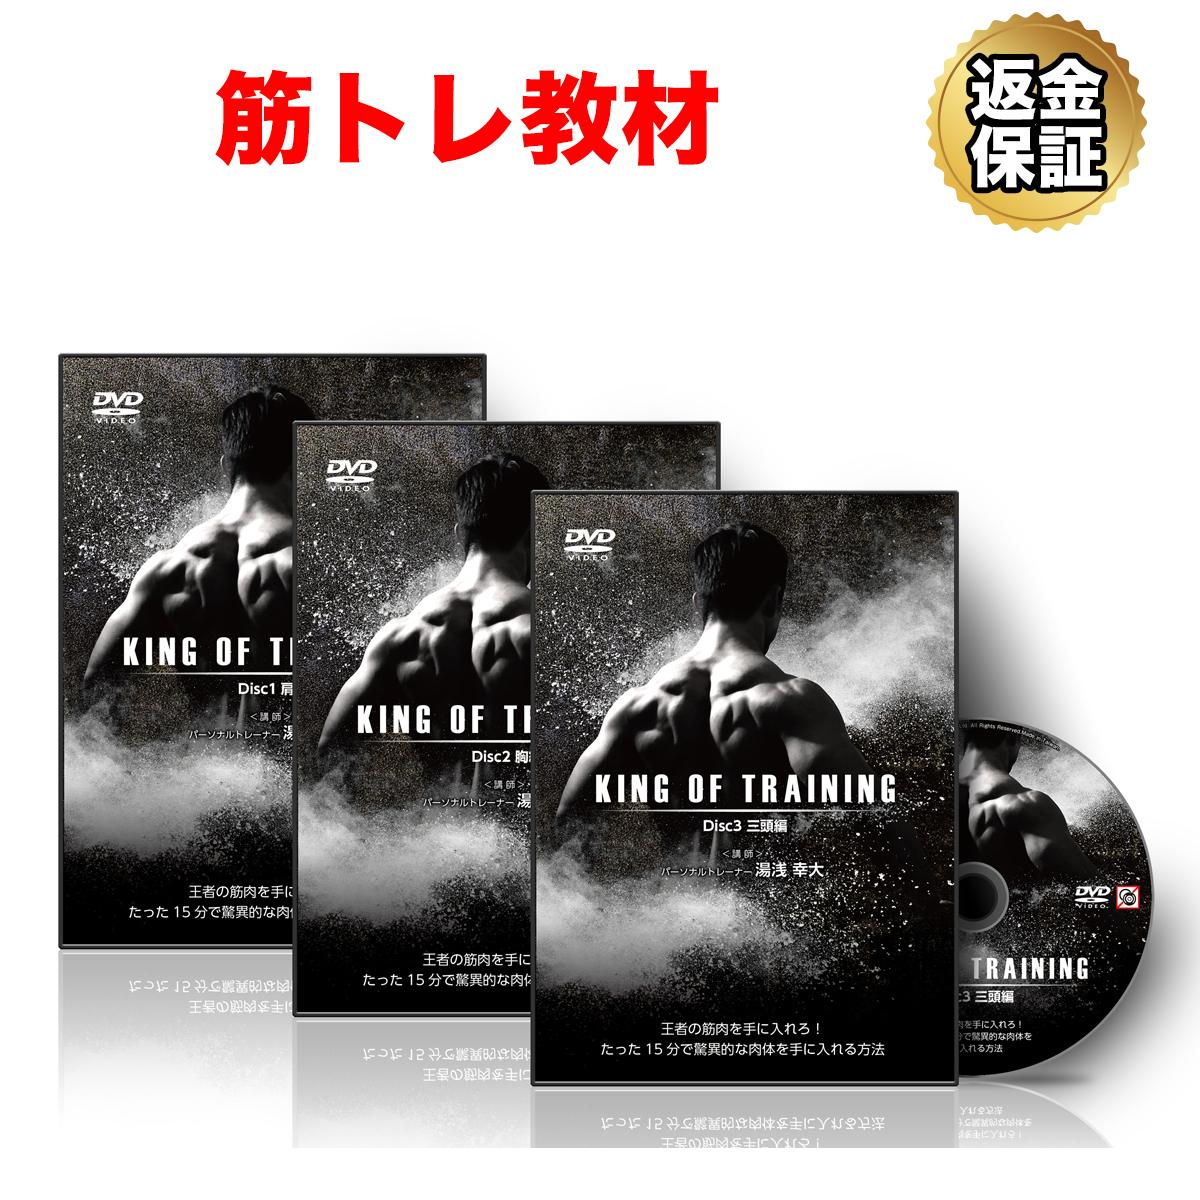 筋トレ 教材 DVD 春の新作 KING OF TRAINING ストアー ~王者の筋肉を手に入れろ たった15分で驚異的な肉体を手に入れる方法~ 胸 三頭 フルセット 肩